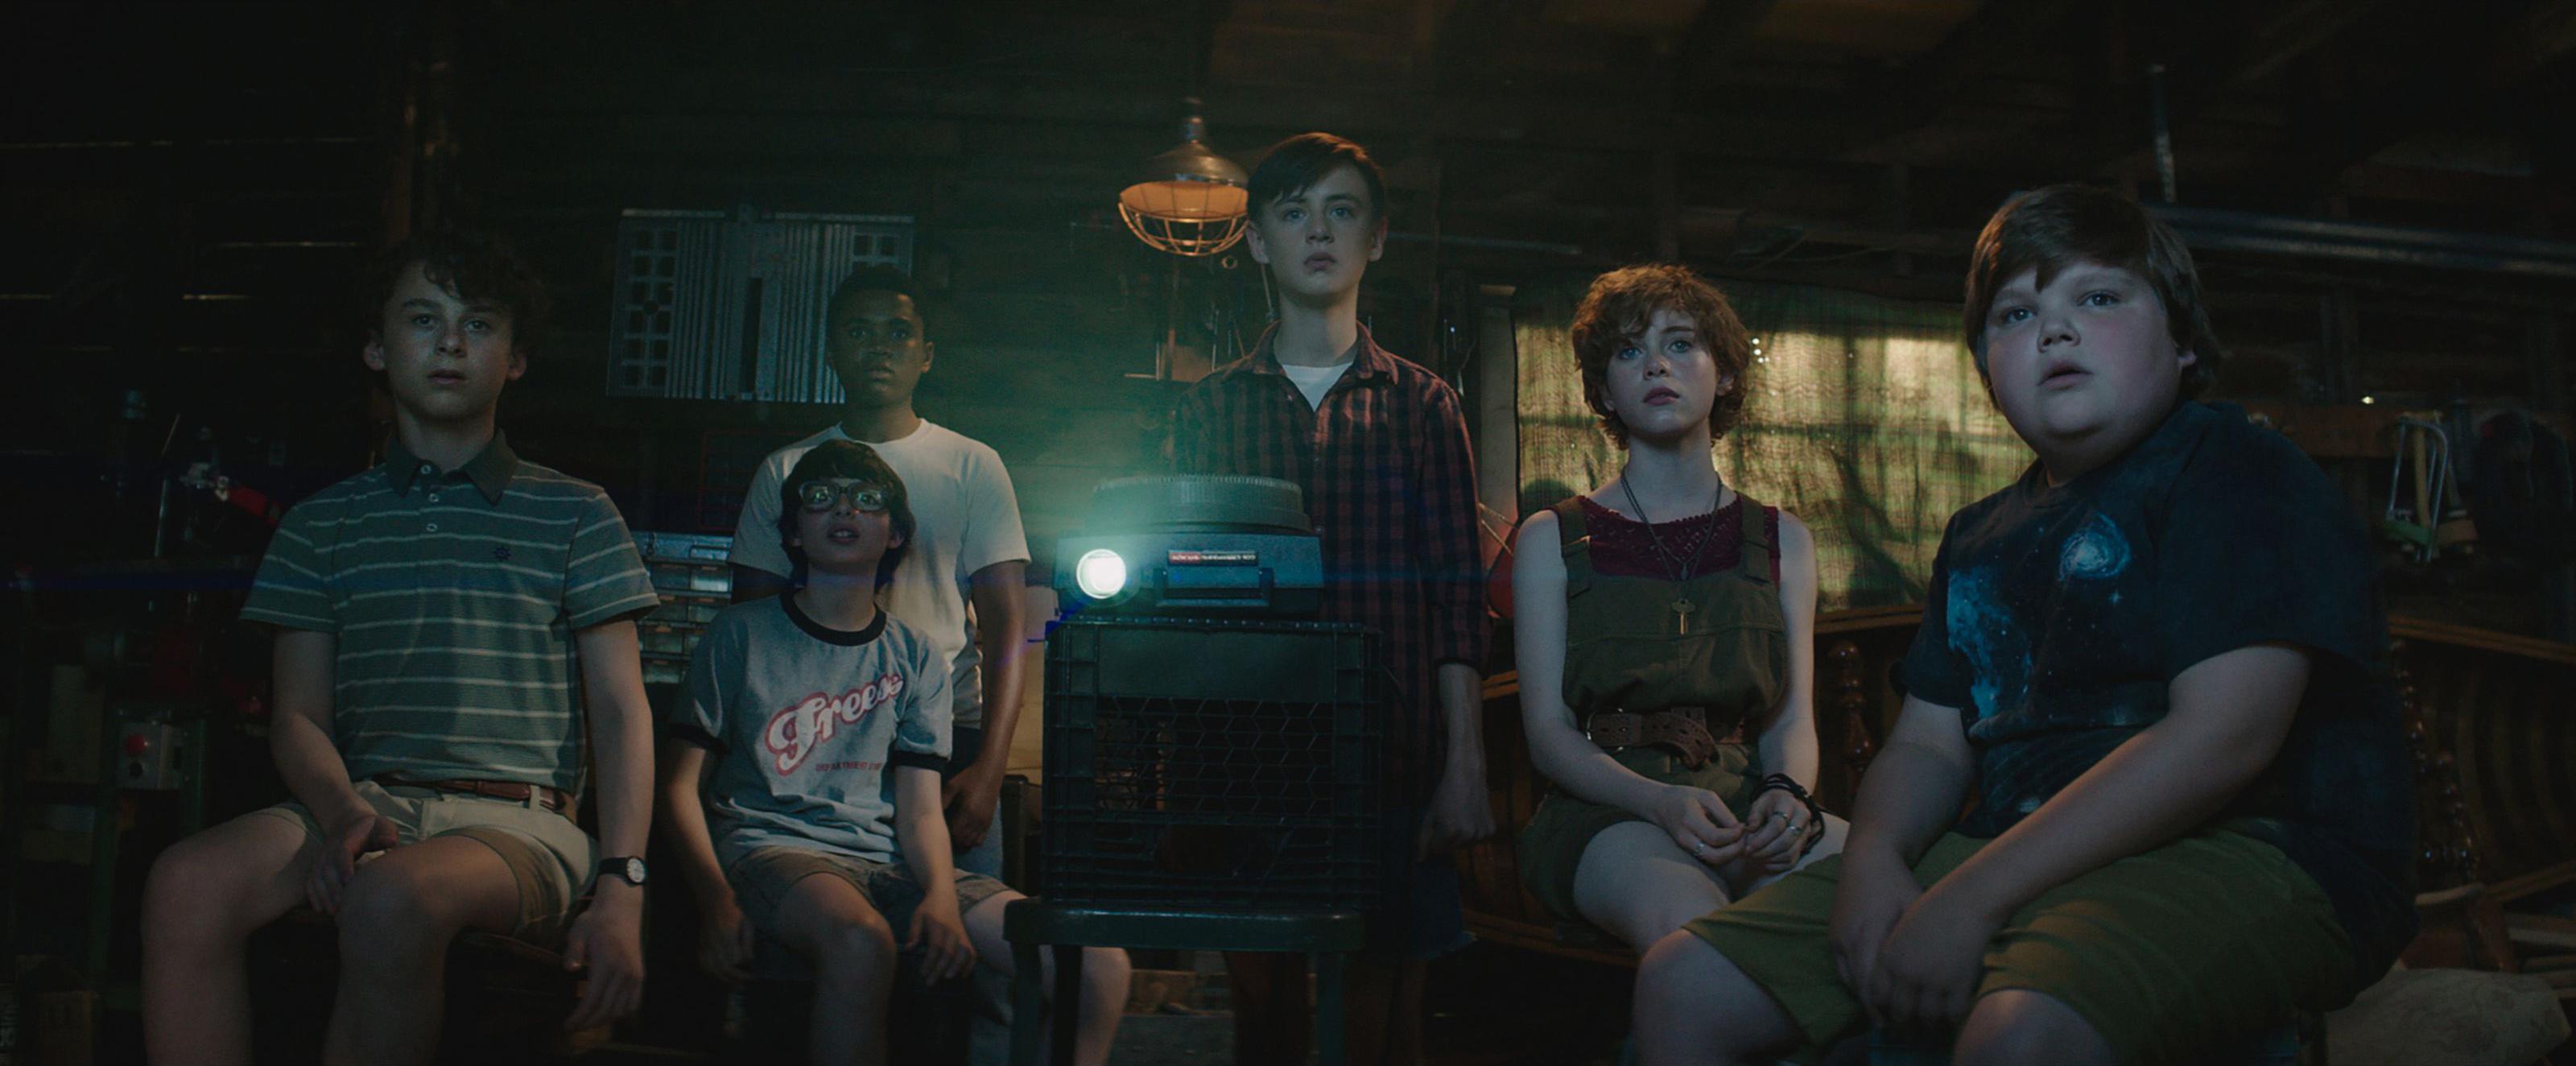 IT - Nỗi ám ảnh kinh hoàng từ tên hề đáng sợ nhất trên màn ảnh - Ảnh 5.